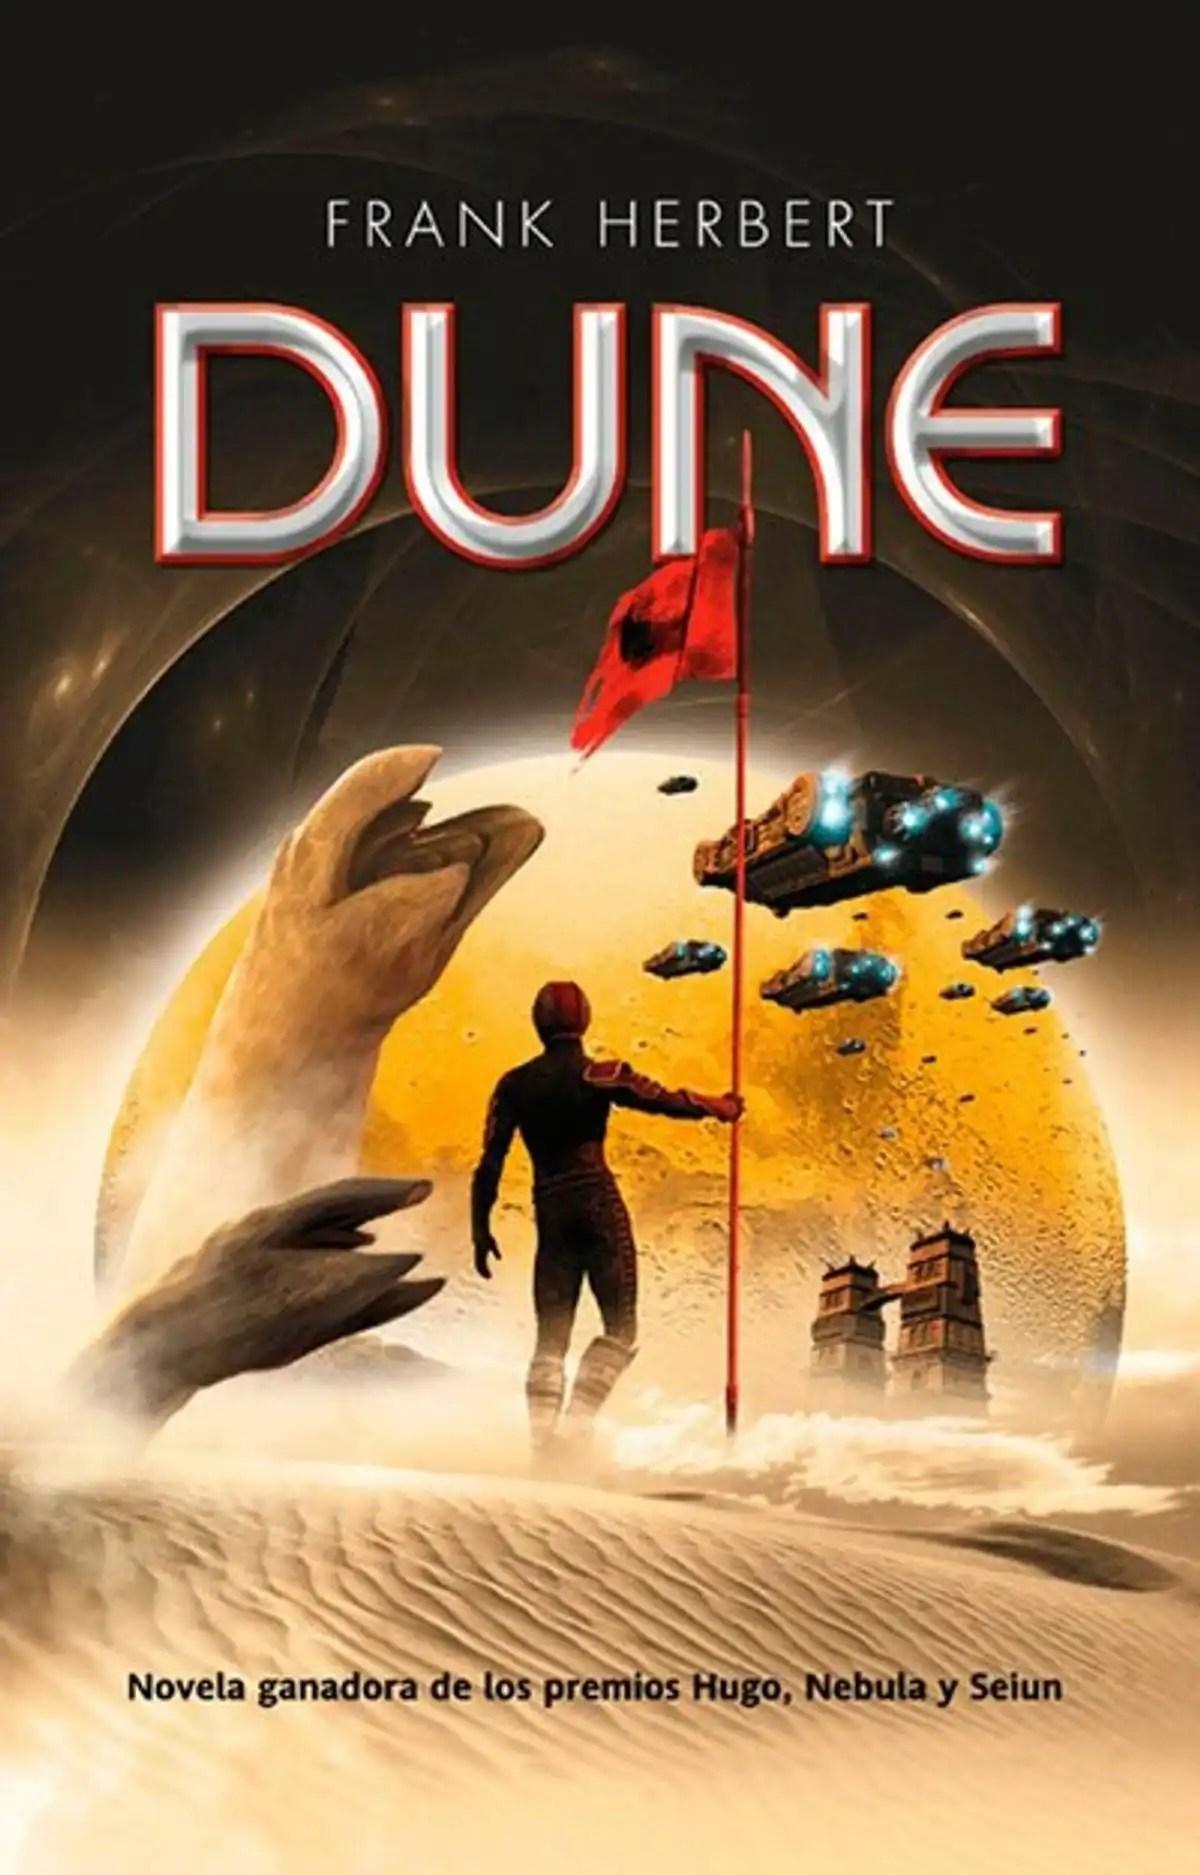 Secretos de Dune por Denis Villeneuve revelados - Mundo Friki